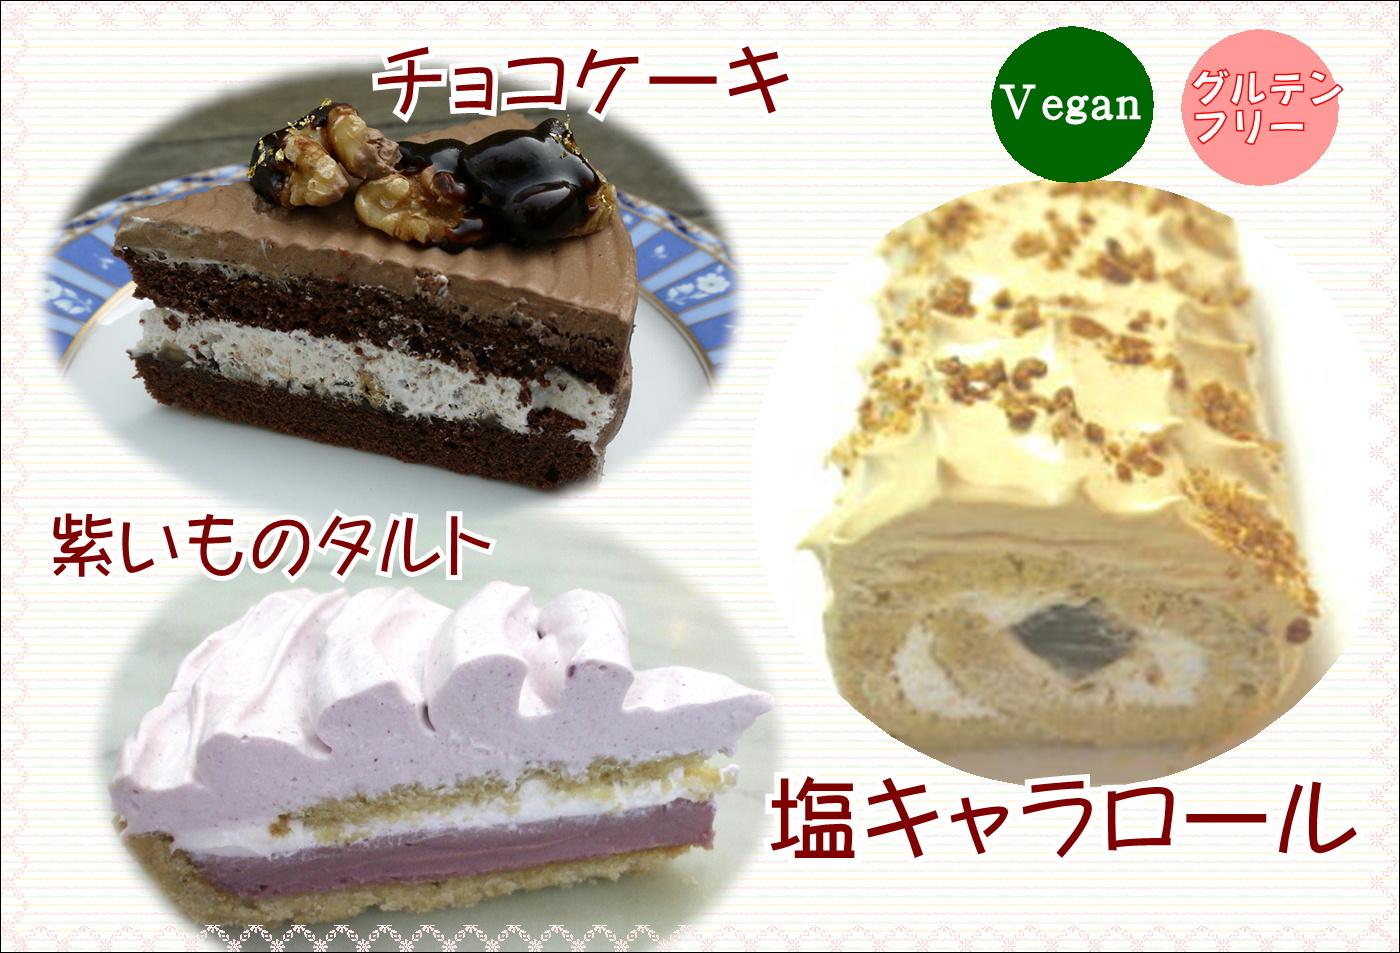 アレルギー,ケーキ,米粉,ビーガン